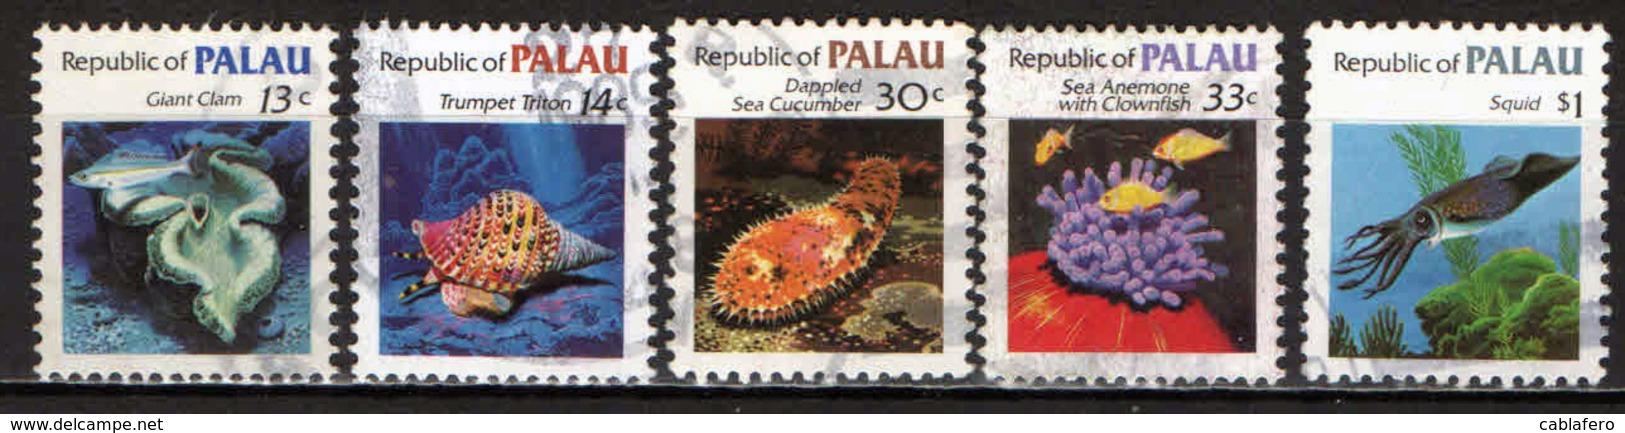 PALAU - 1983 - FAUNA MARINA - MAIRNE LIFE - USATI - Palau